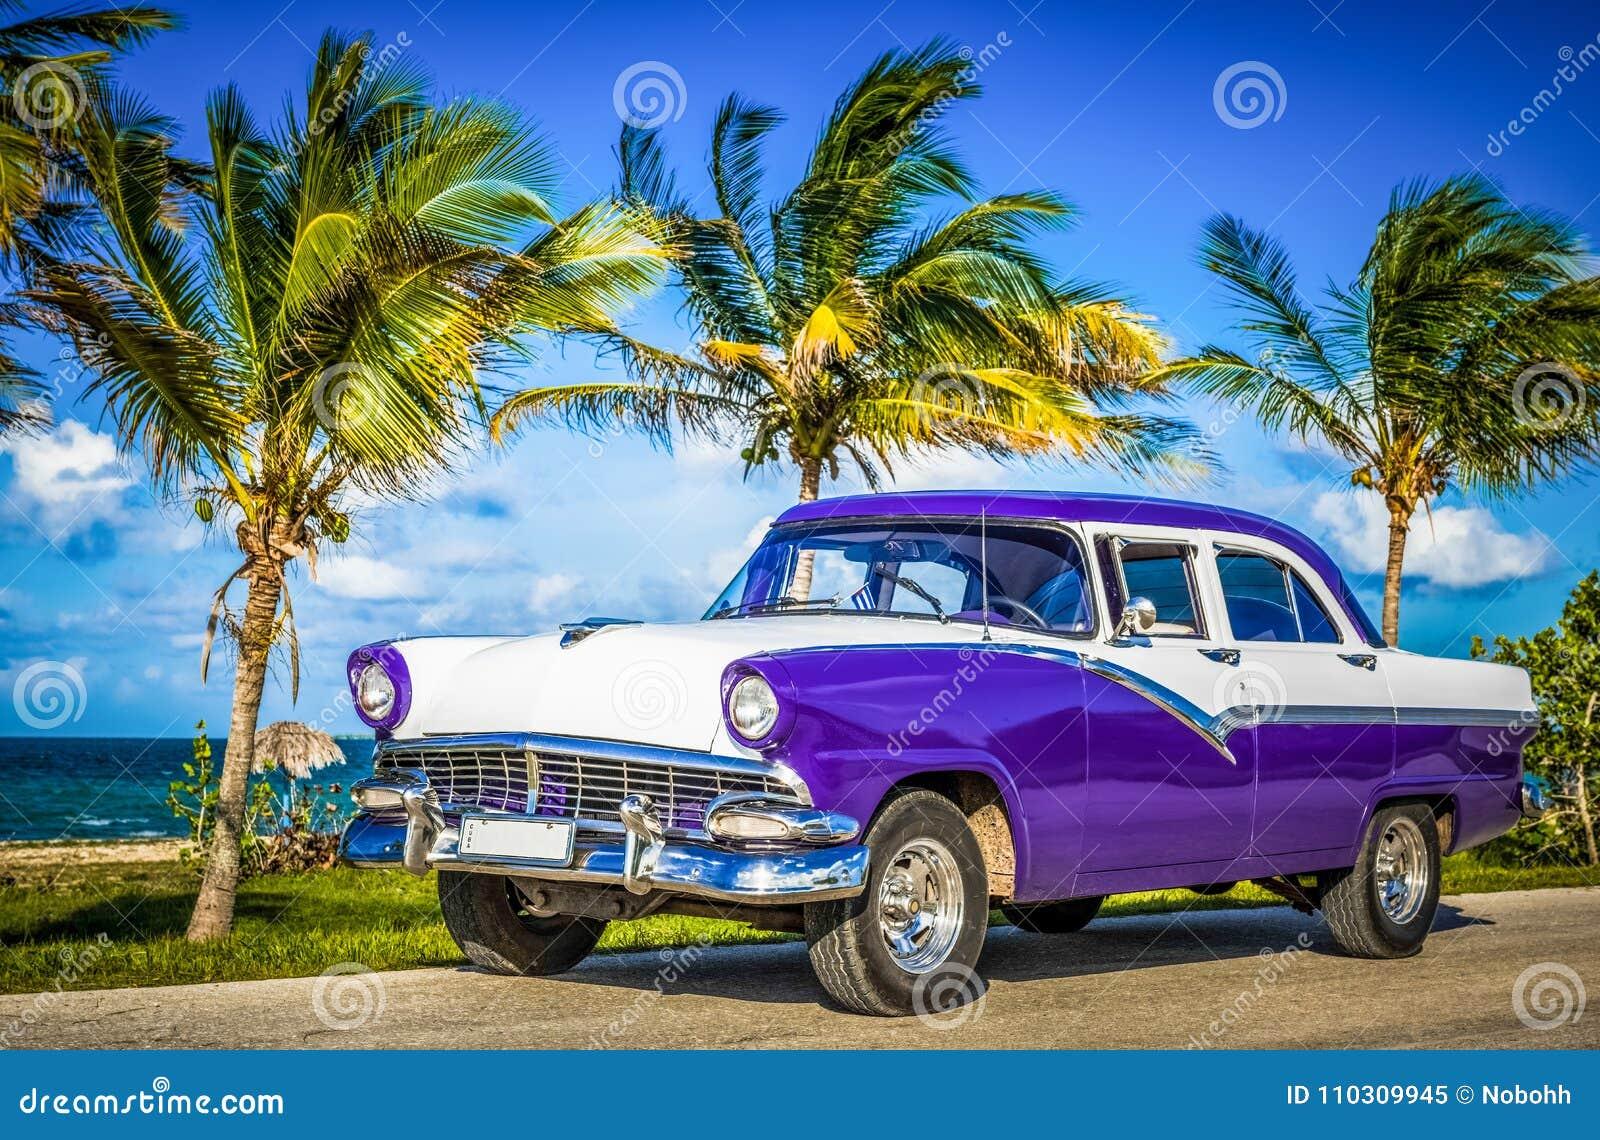 HDR - Parkerad amerikansk bil för vitblåtttappning i framdel-sida sikten på stranden i Havana Cuba - Serie Kubareportage